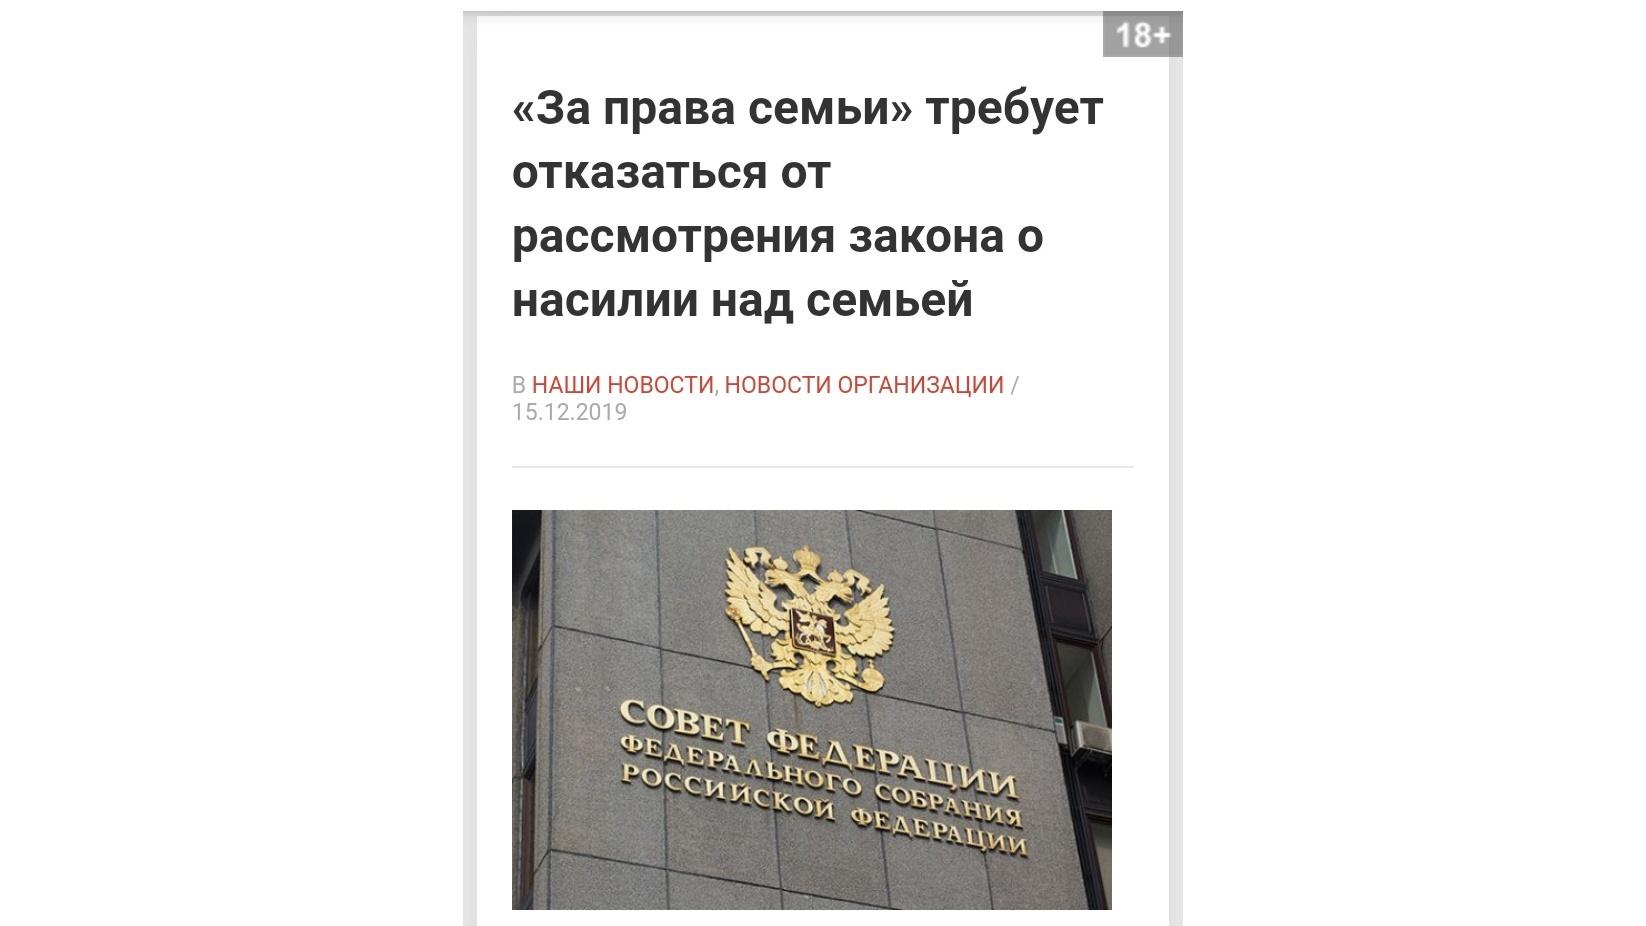 Межрегиональная Общественная Организация «За права семьи» требует отказаться от рассмотрения закона о насилии над семьей (15.12.19)